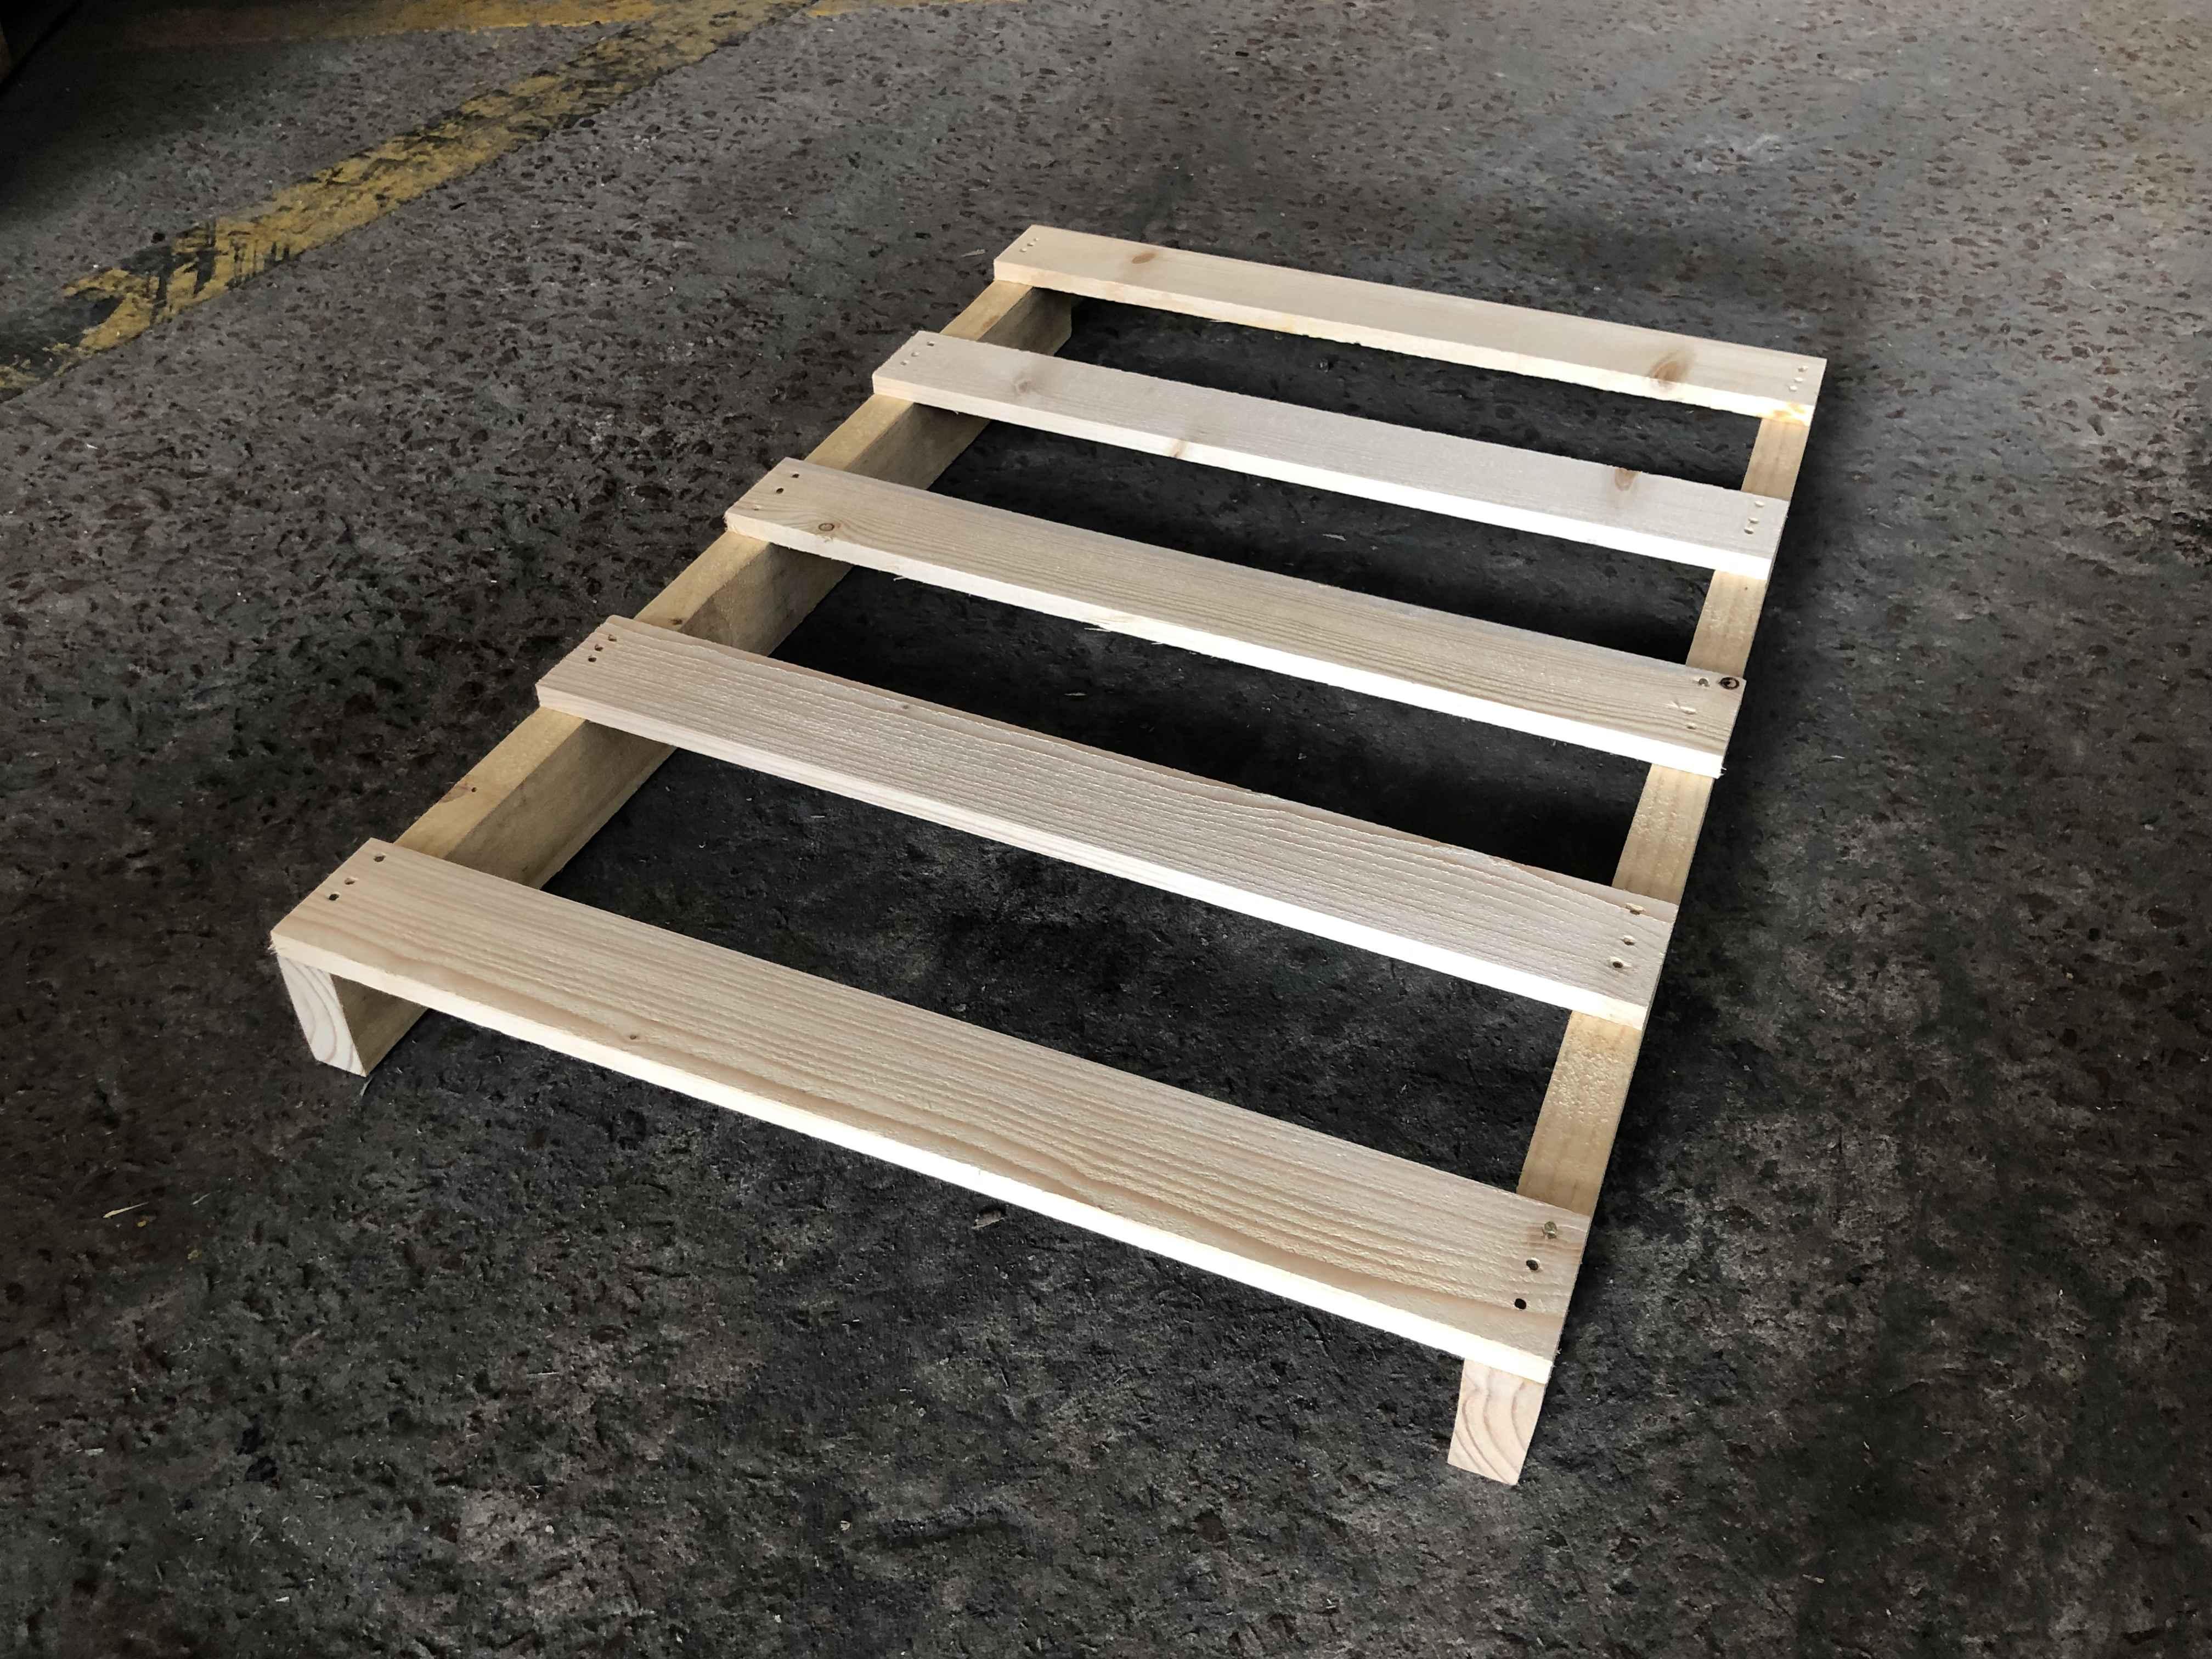 江苏专用木托盘 上海树人木业供应